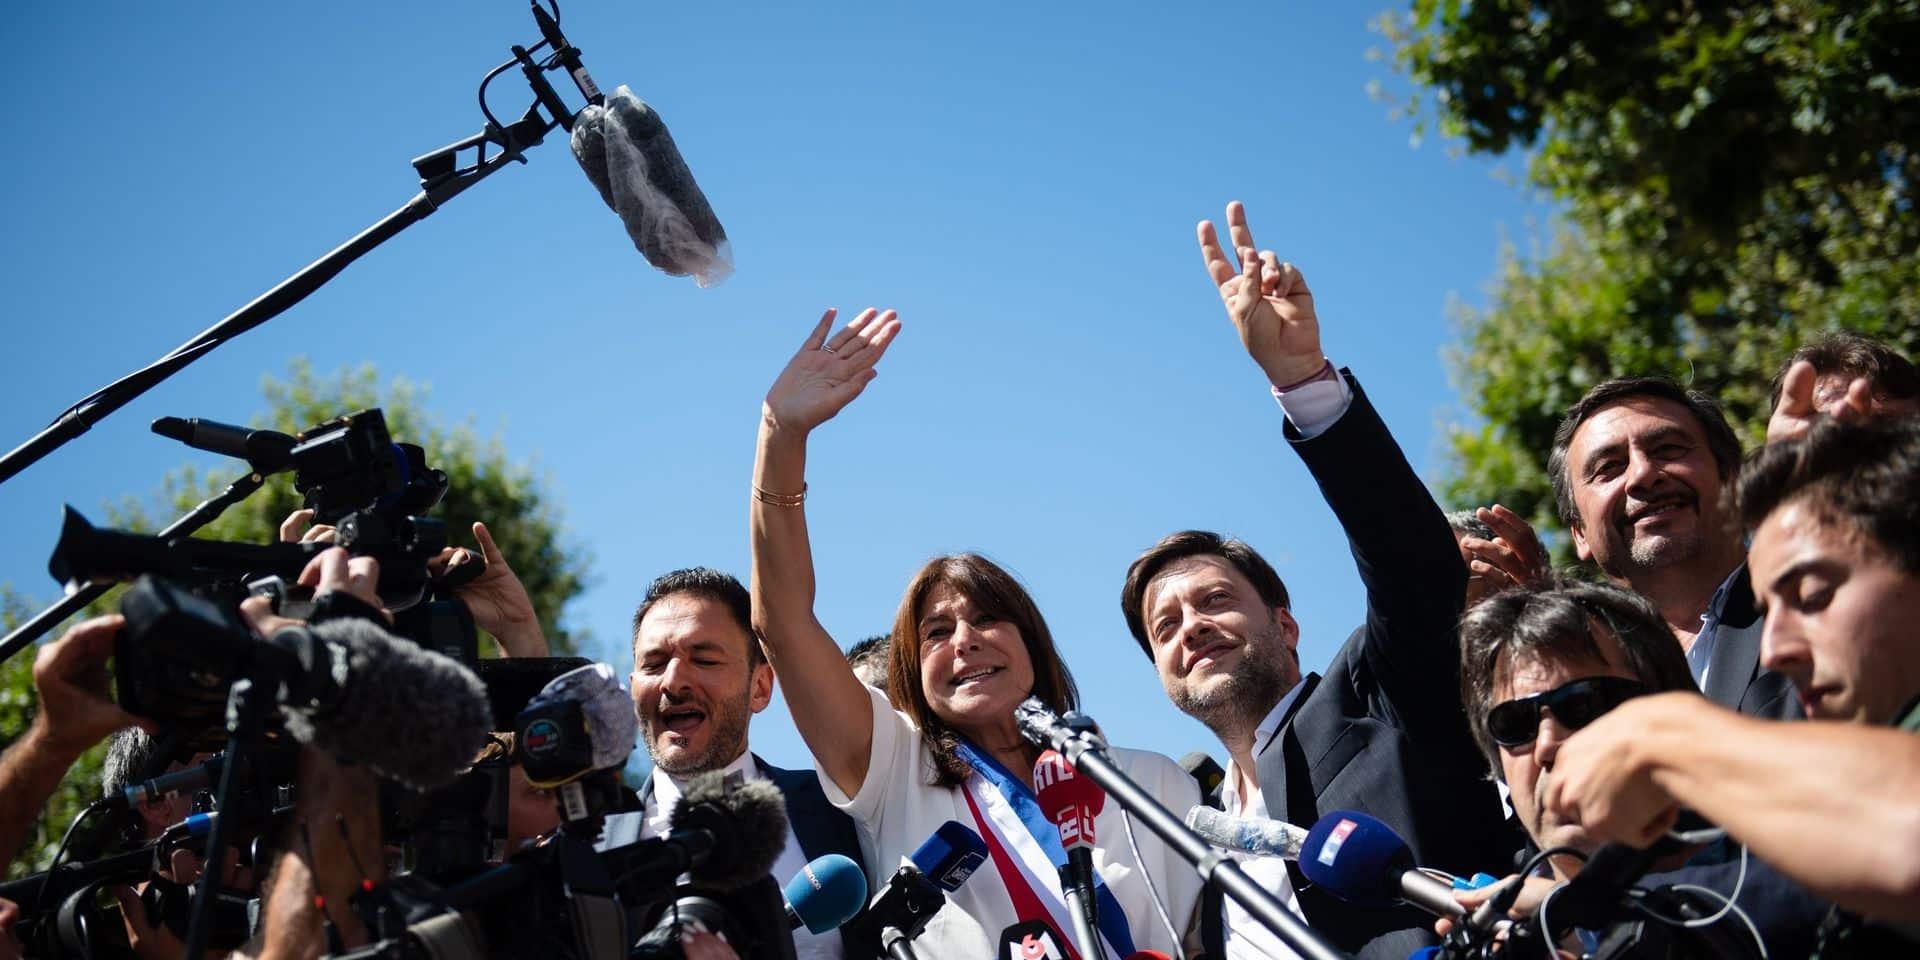 Benoît Payan confirme sa candidature à la succession de Michèle Rubirola à Marseille